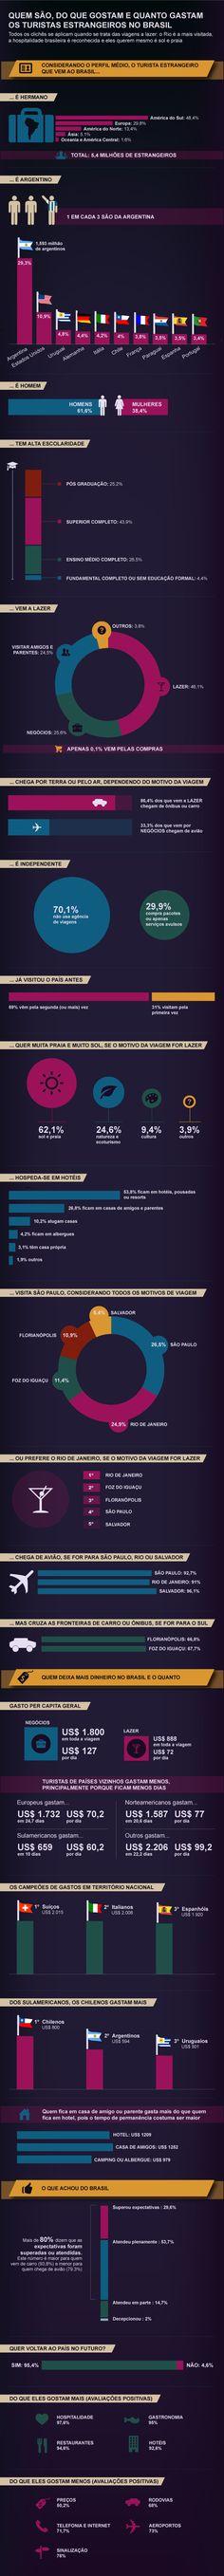 O que 5 milhões de turistas estrangeiros acham do Brasil